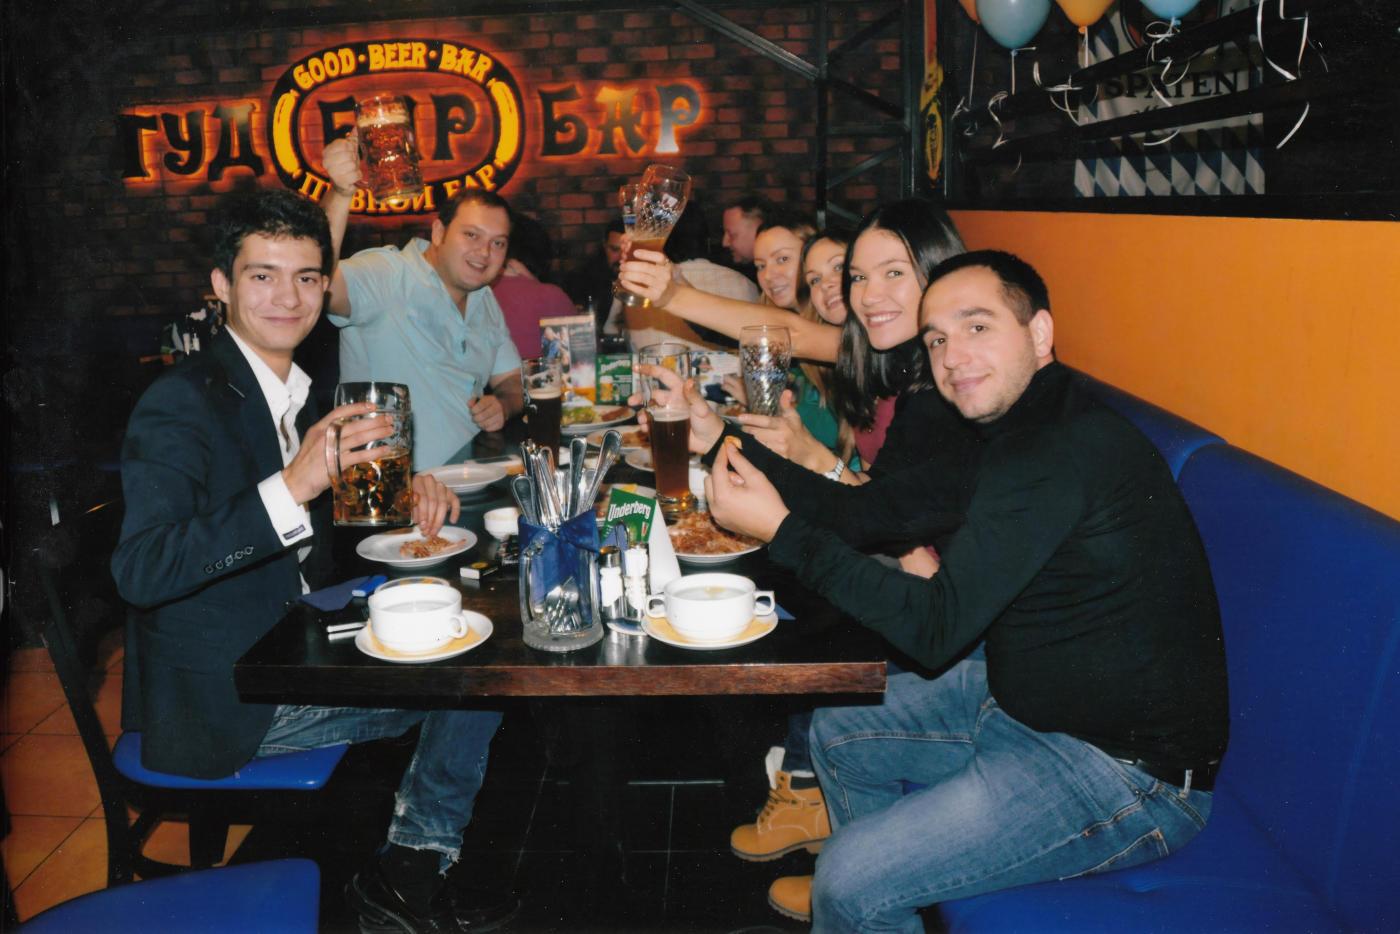 ������ �������� Good Beer Bar �� ������ (��� ��� ���) ���� 14